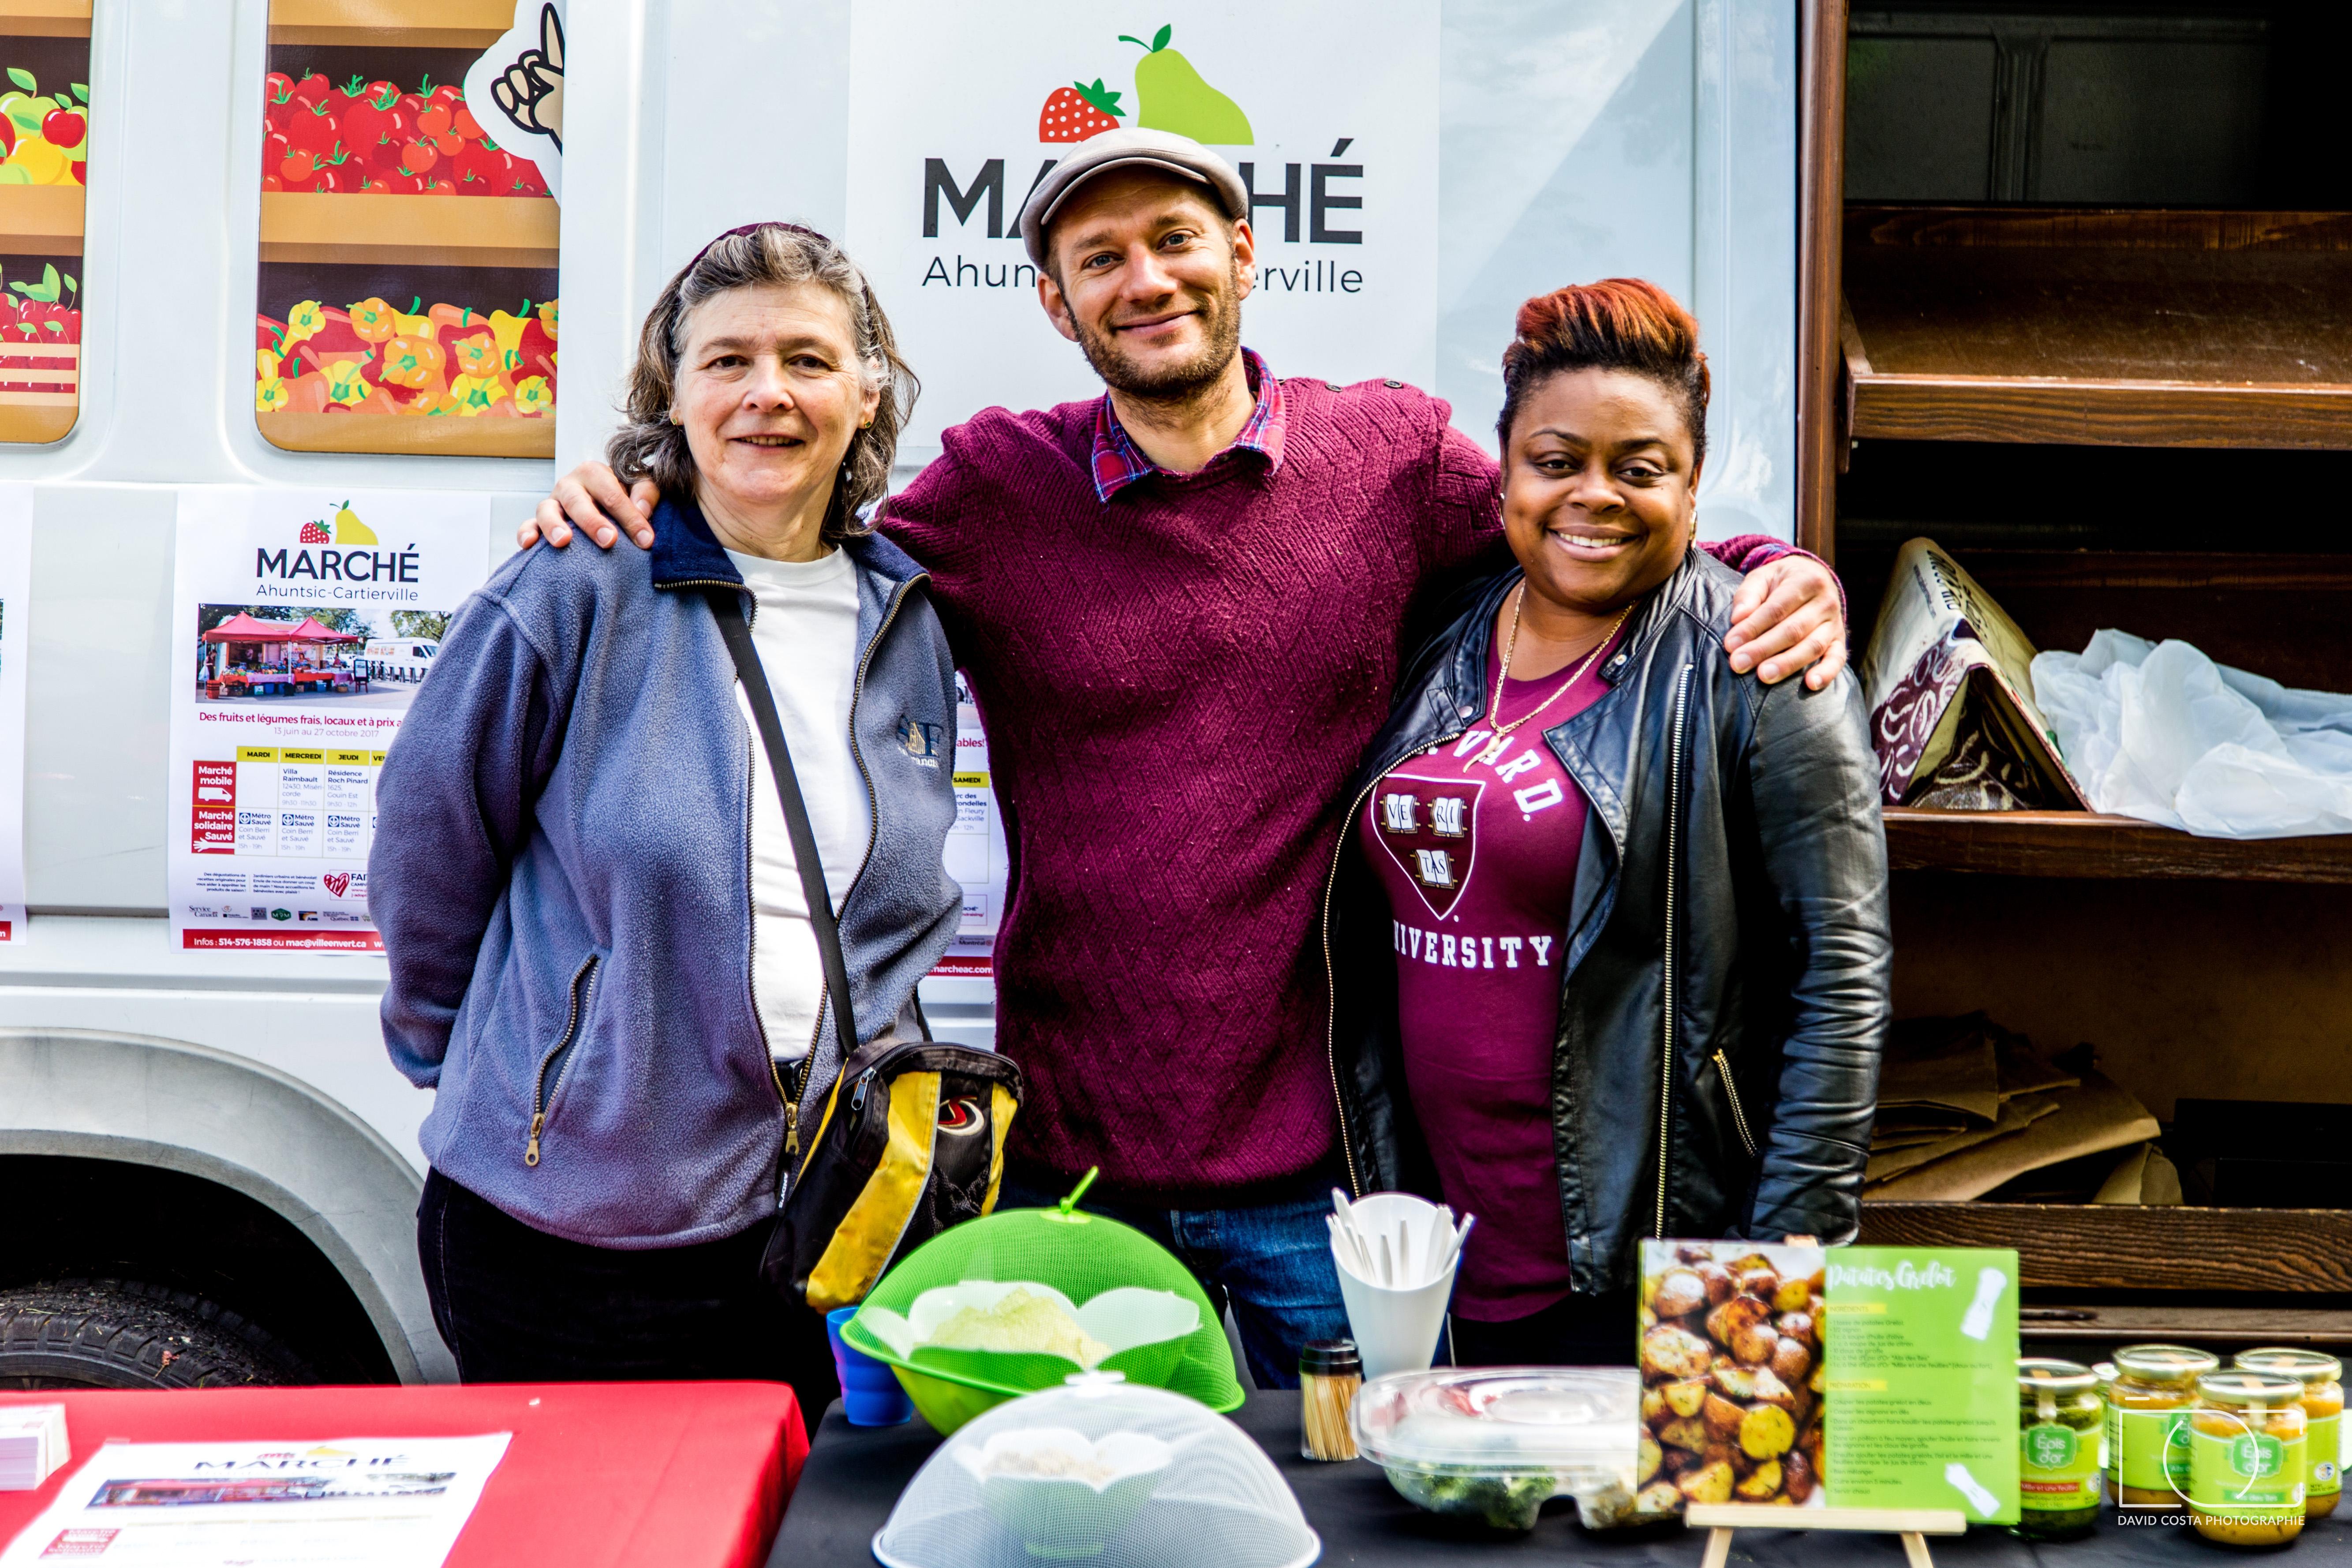 Le Marché Ahuntsic Cartierville débute sa saison 2017 (13 juin - 27 octobre)